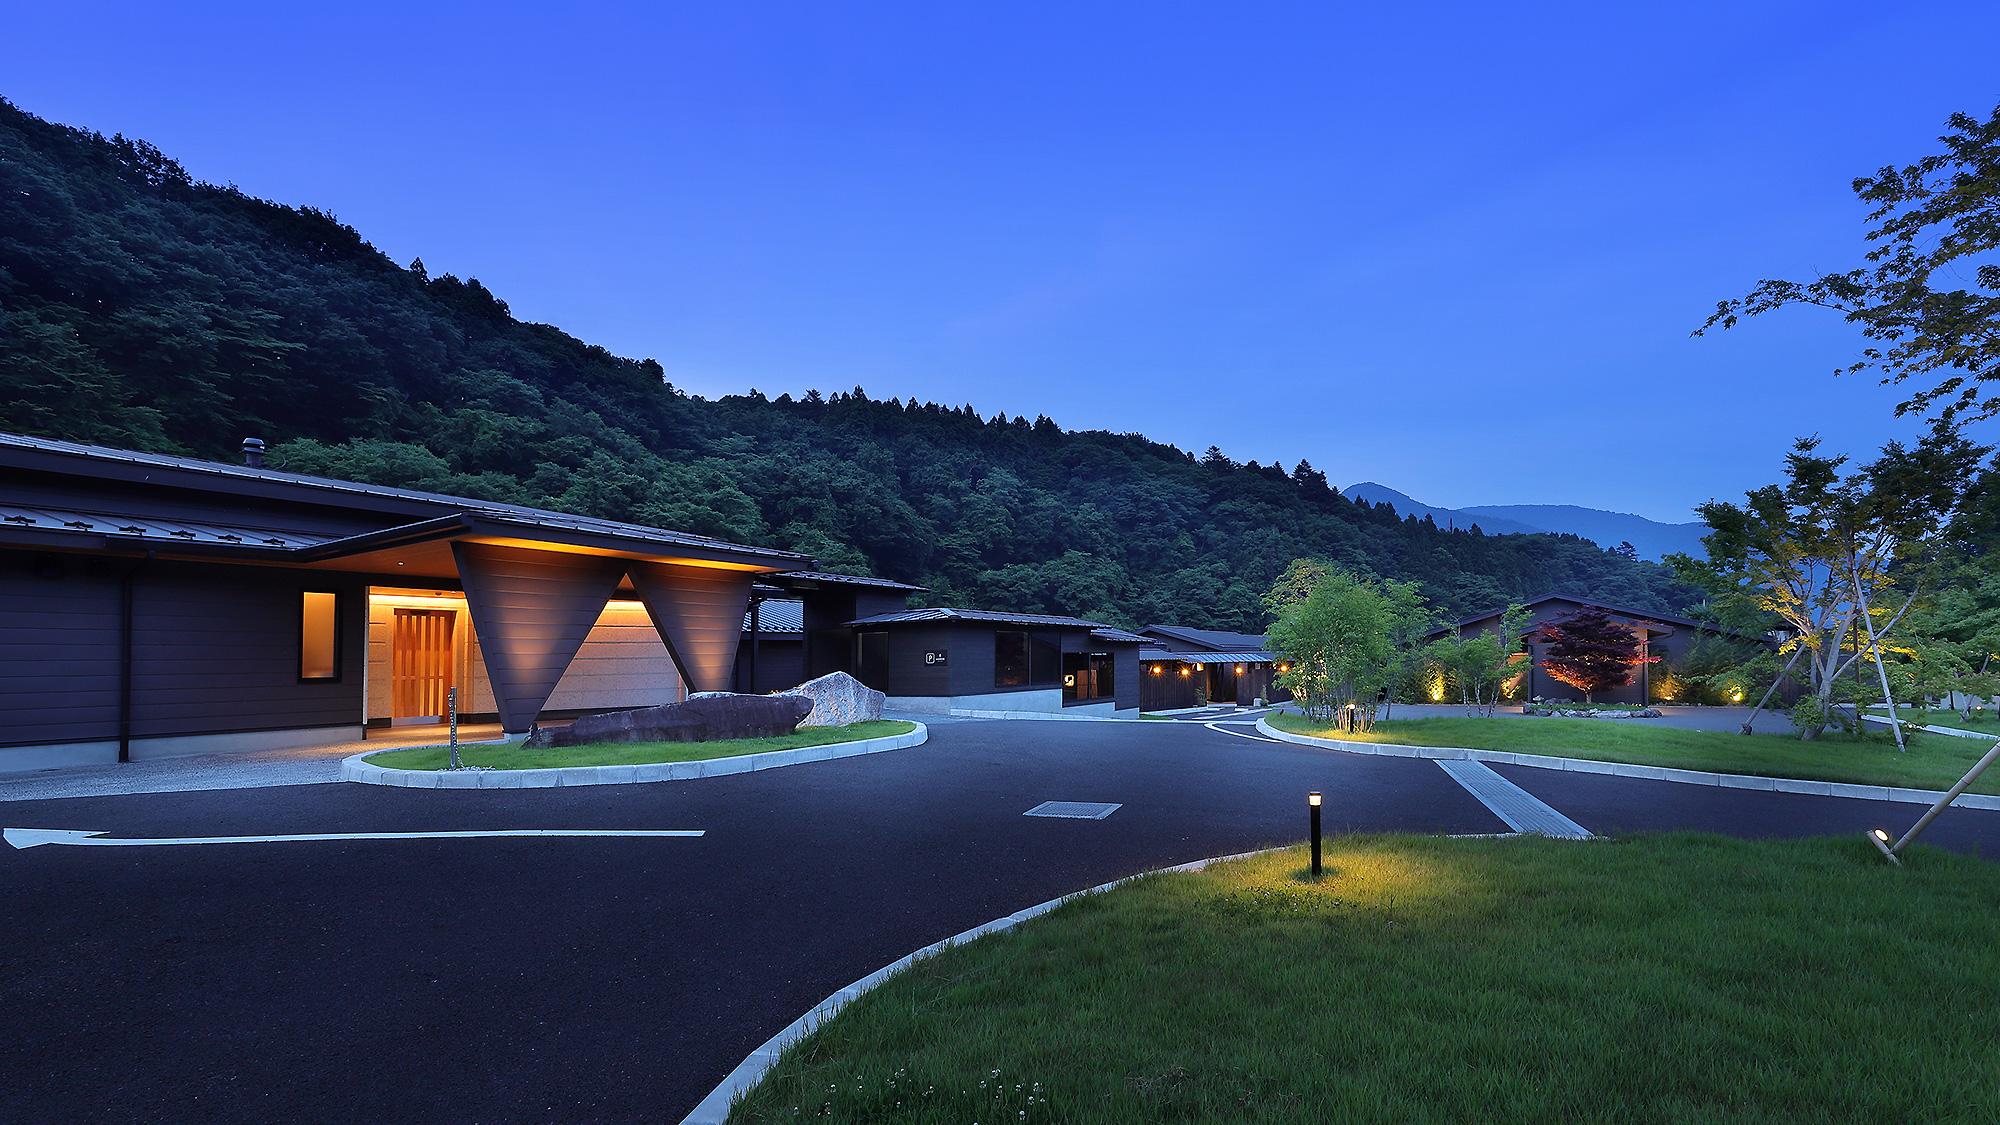 露天風呂付きのお部屋がある高級旅館に泊まりたいのですが、塩原温泉でおすすめの宿を教えてください。